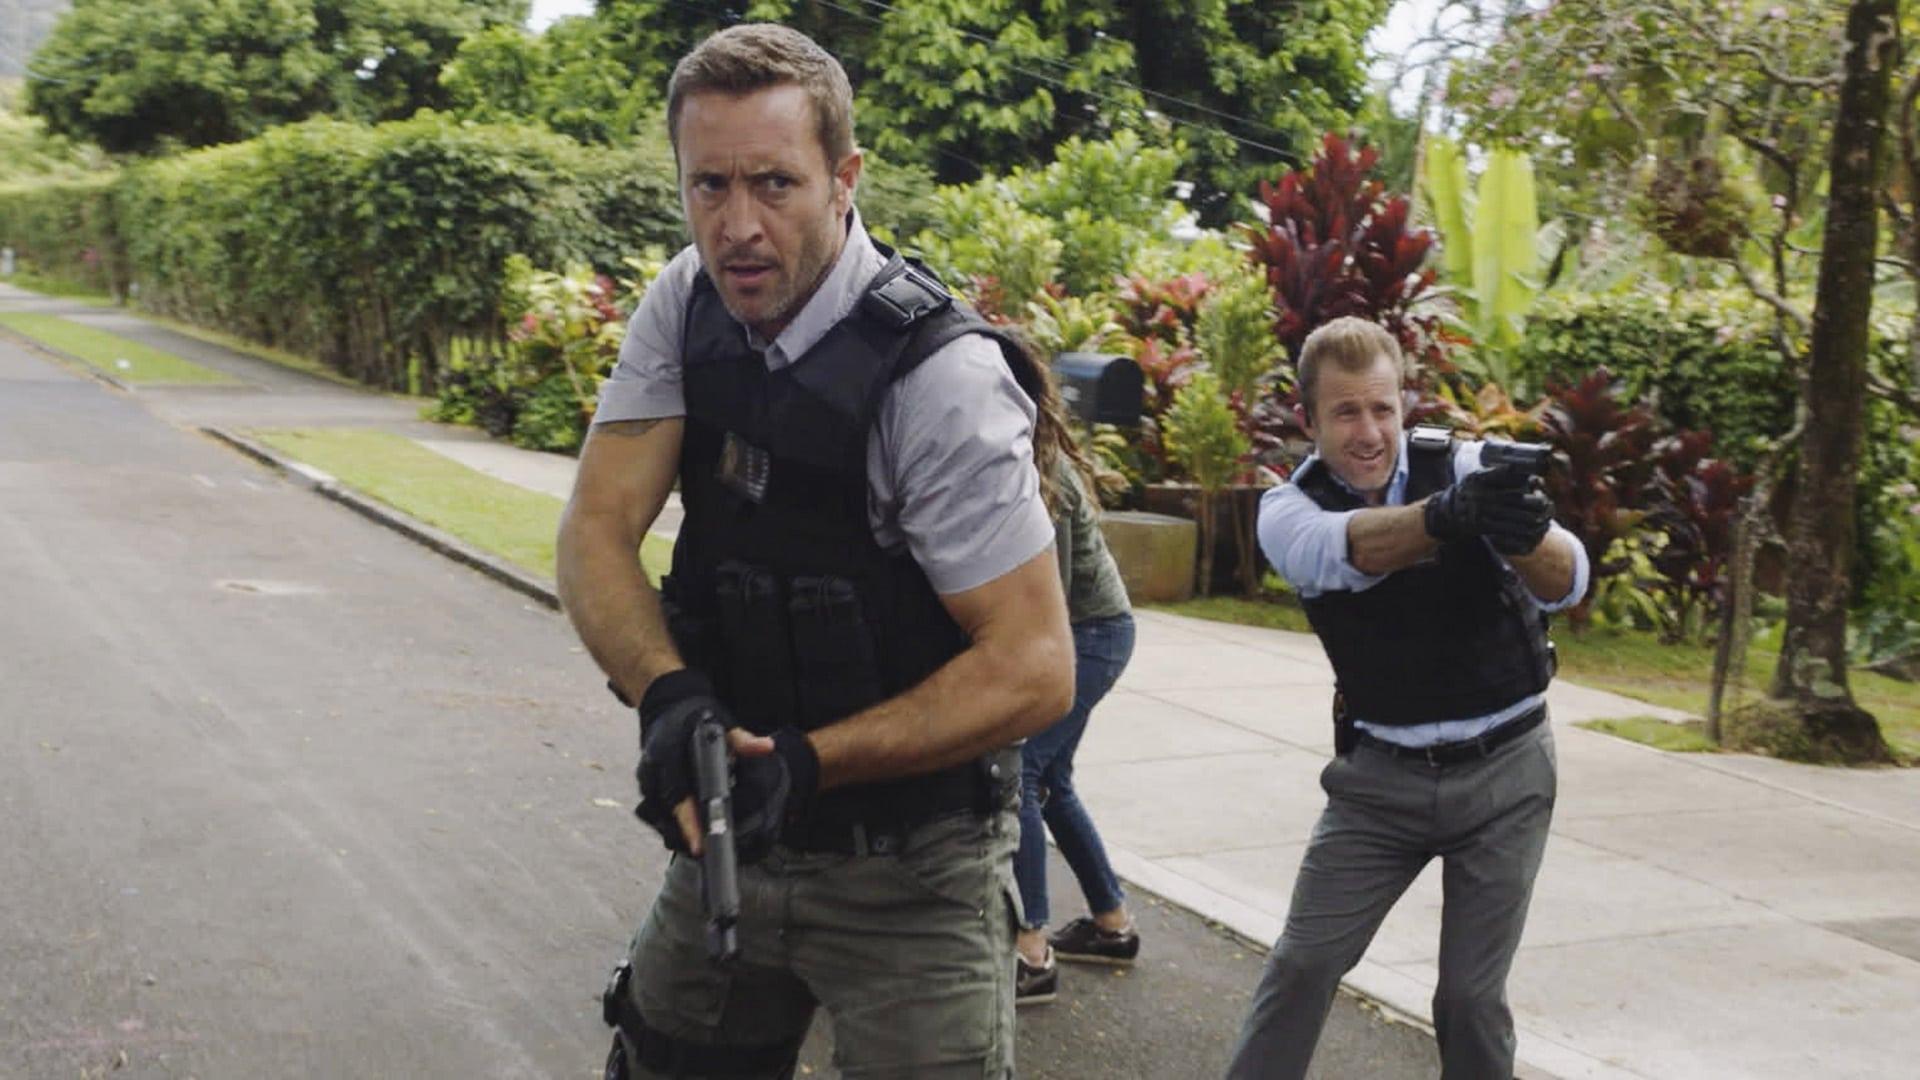 Hawaii Five-0 - Season 8 Episode 21 : Ahuwale Ka Nane Huna (The Answer To The Riddle Is Seen)